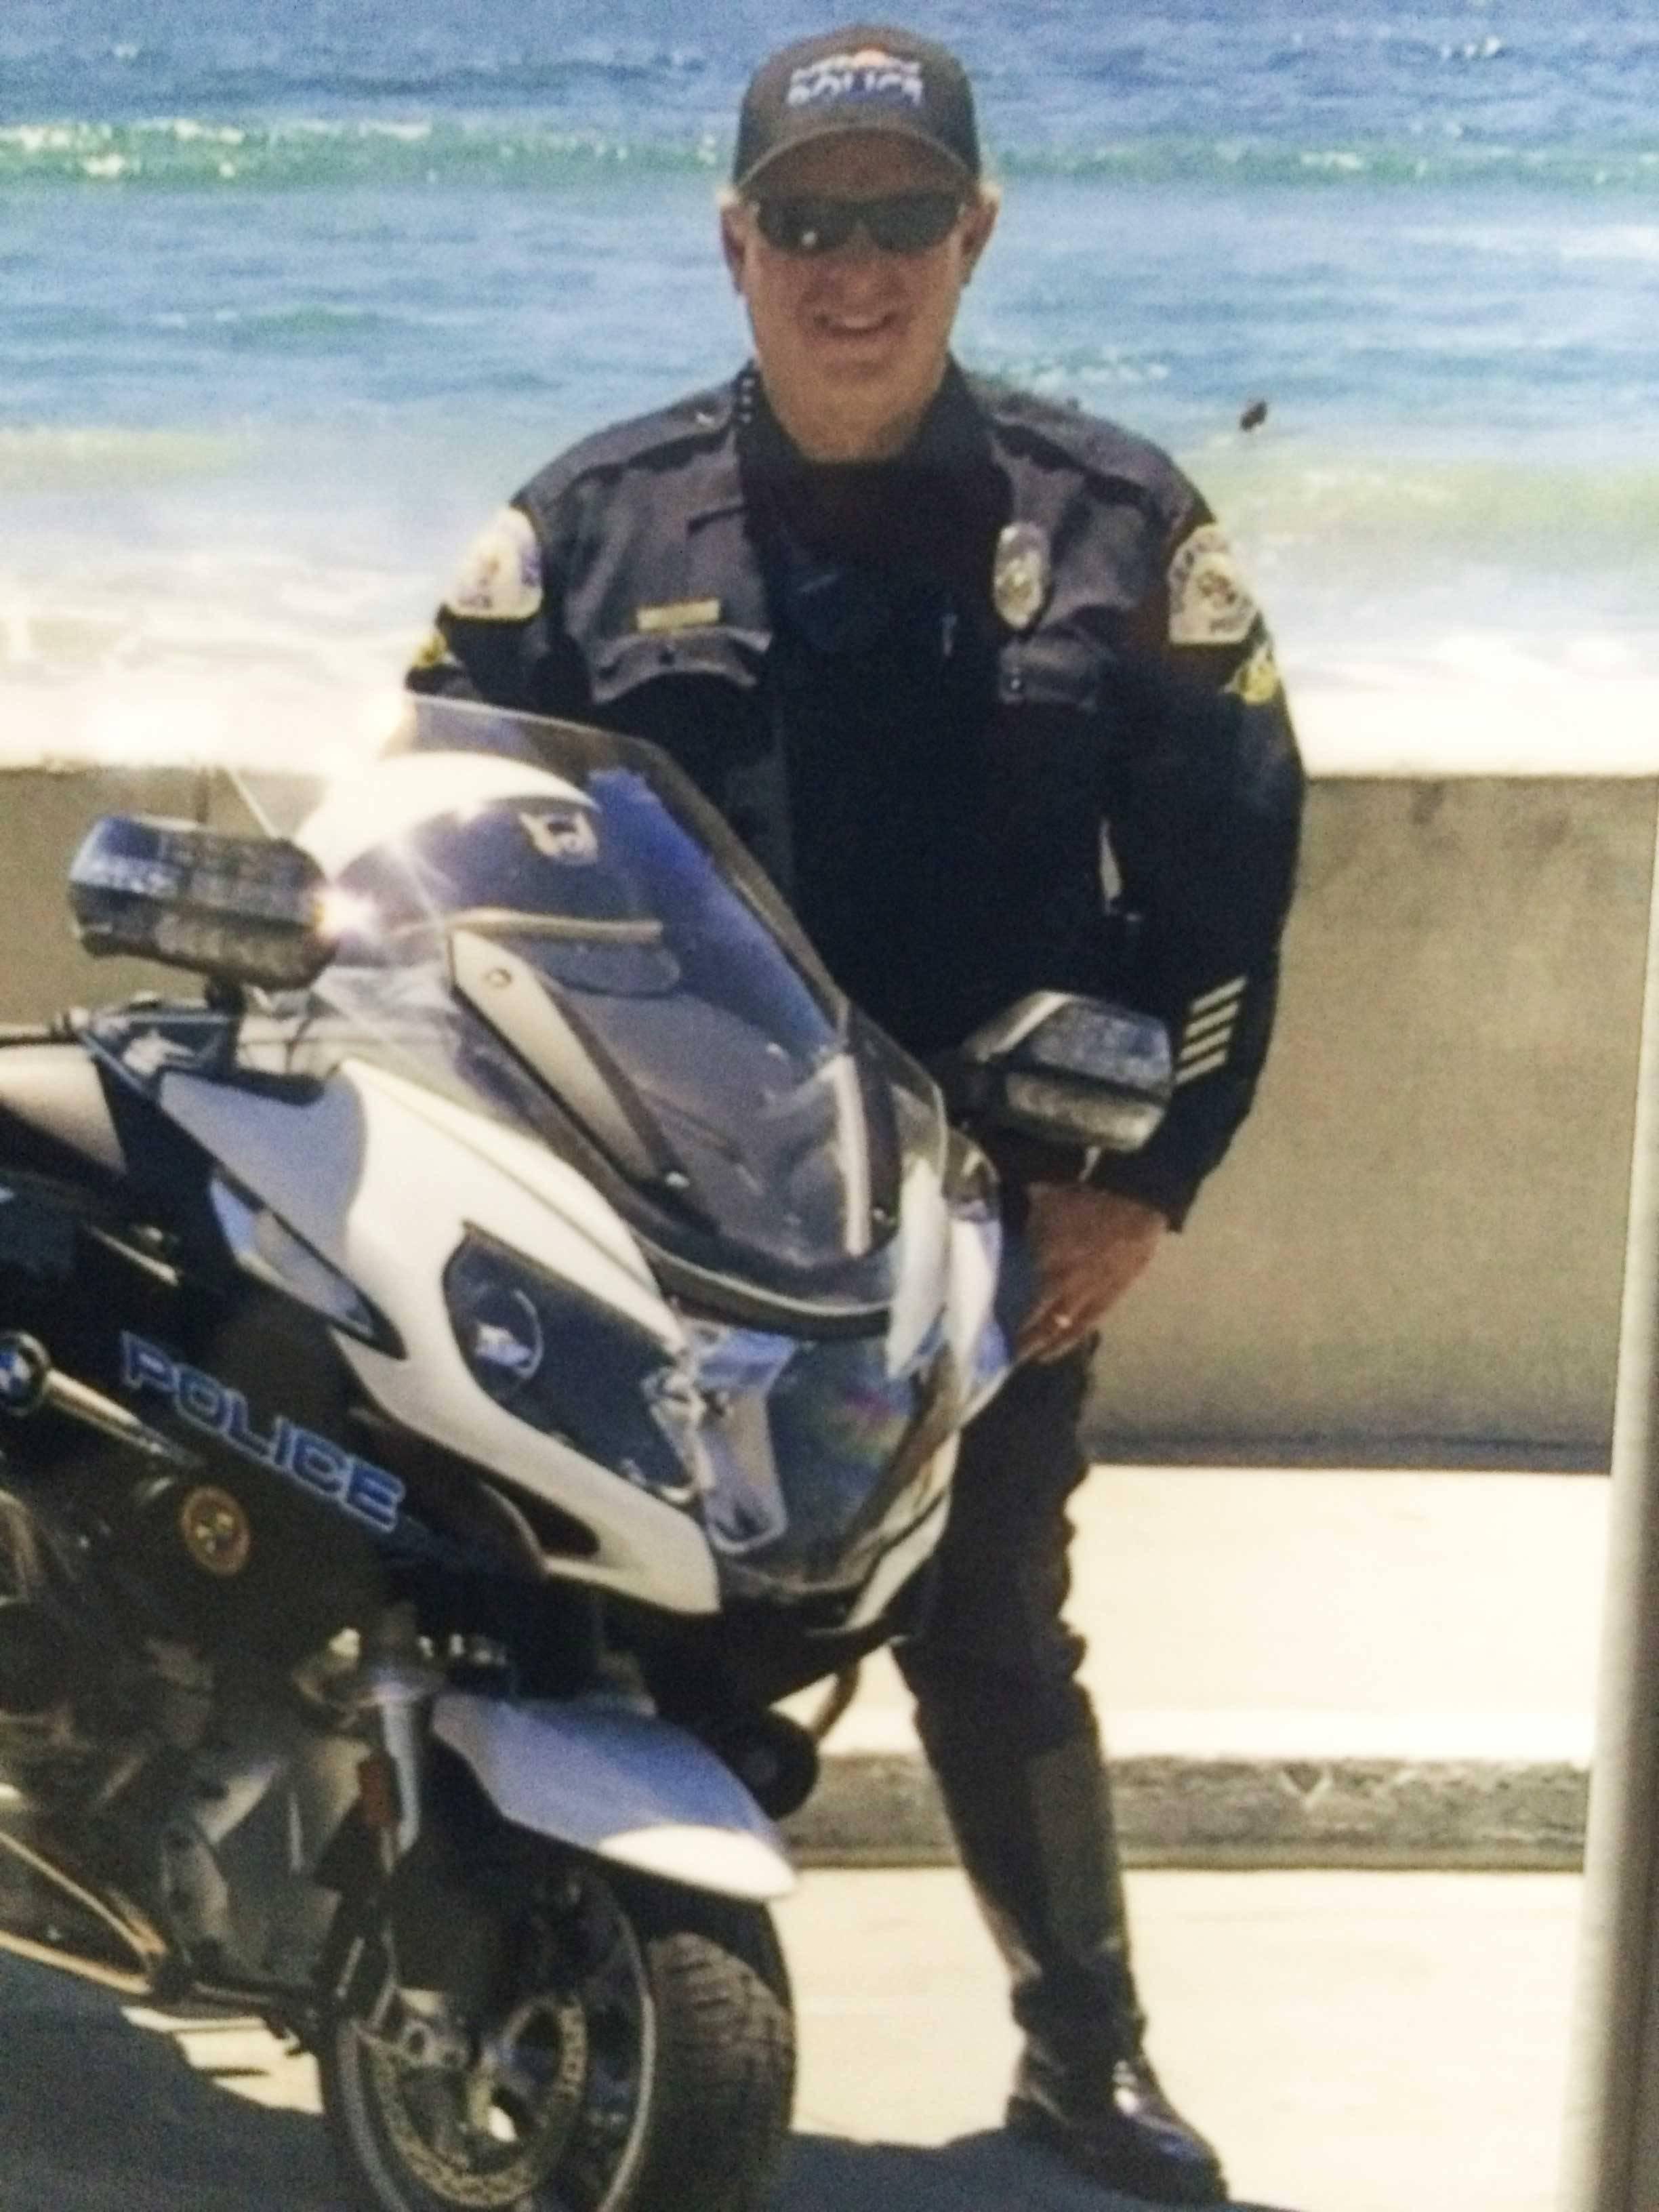 Officer Brad Hunter of the Oceanside Police Department